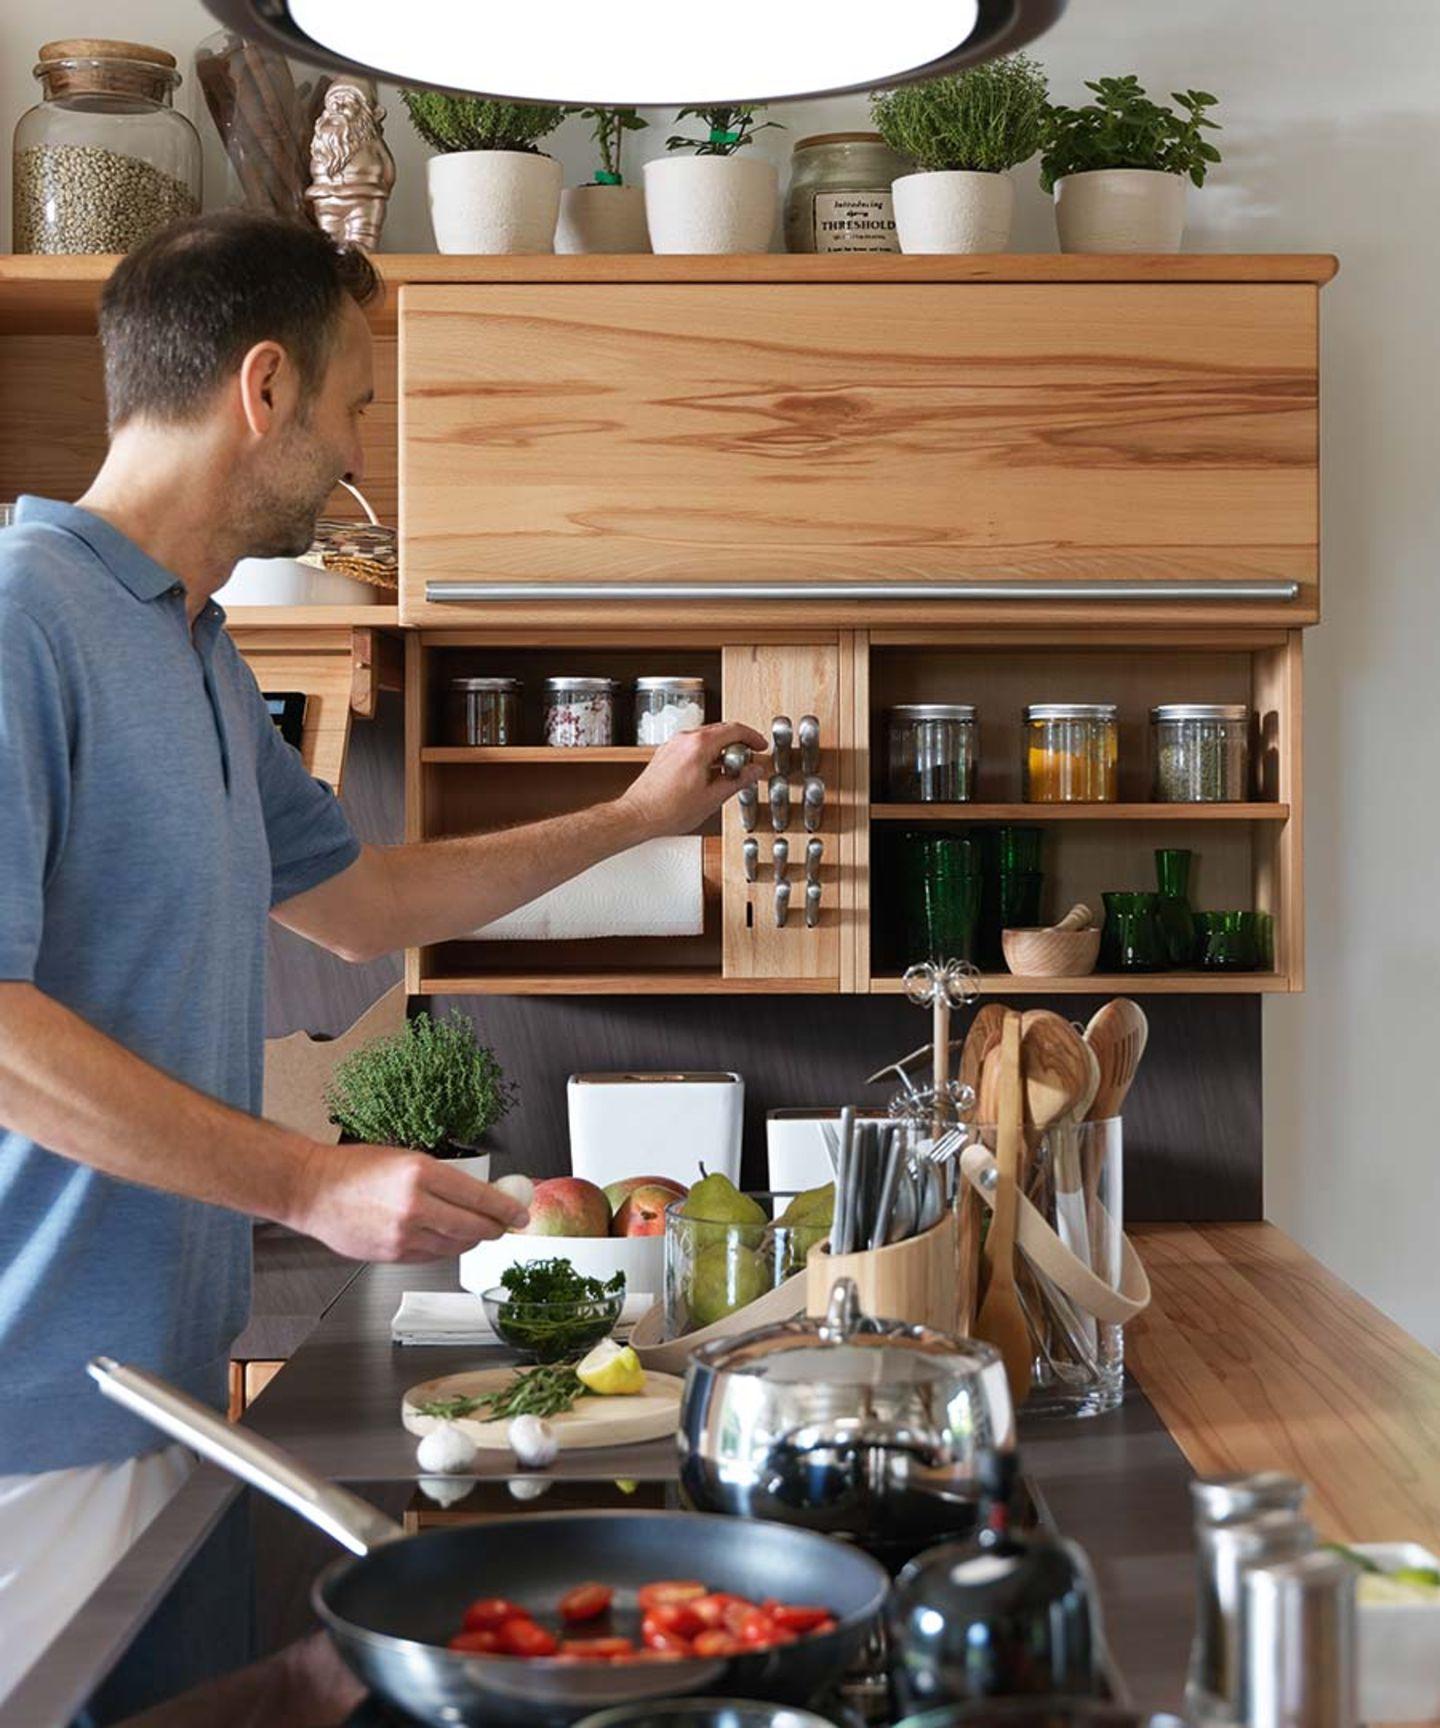 Cucina in legno massello rondo con mensole e barre attrezzate